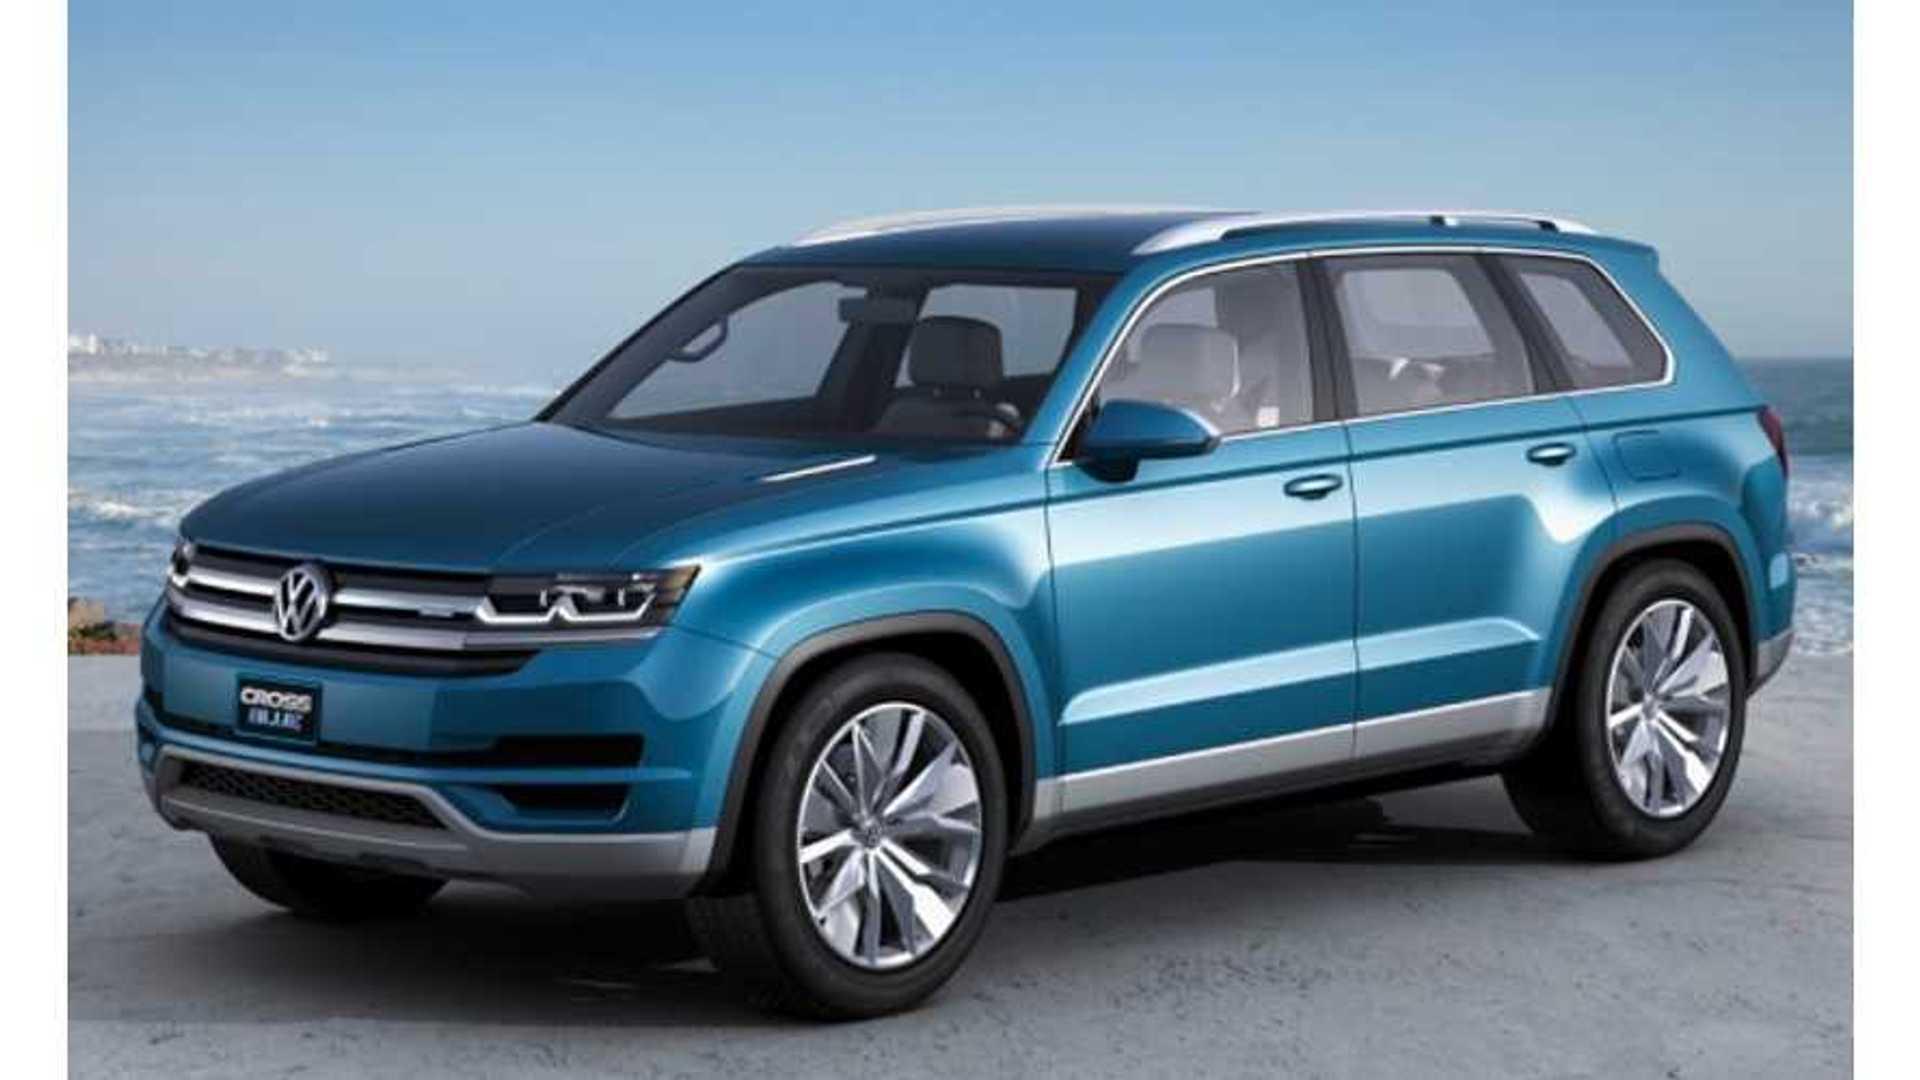 Volkswagen Unveils Plug-in Diesel Hybrid CrossBlue Concept ...